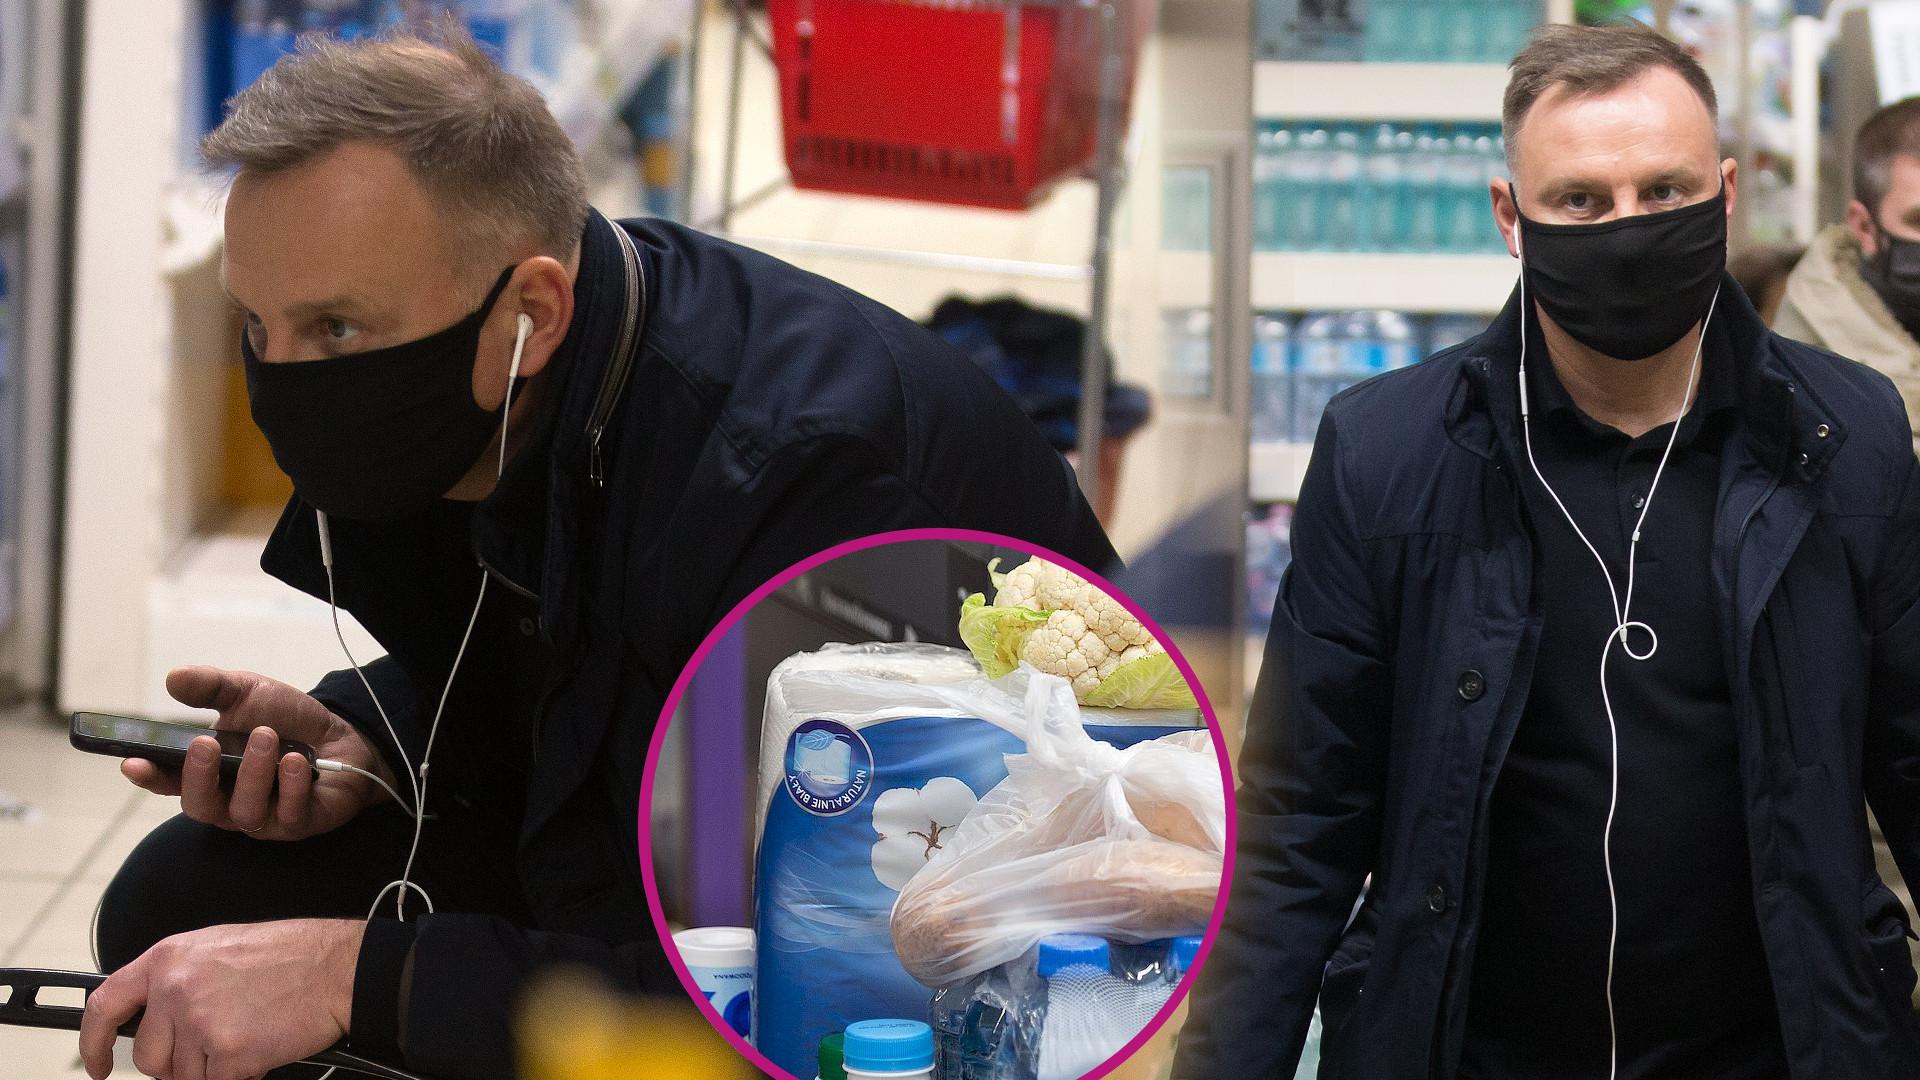 Prezydent Andrzej Duda na zakupach w supermarkecie. Ciekawa zawartość koszyka (ZDJĘCIA)